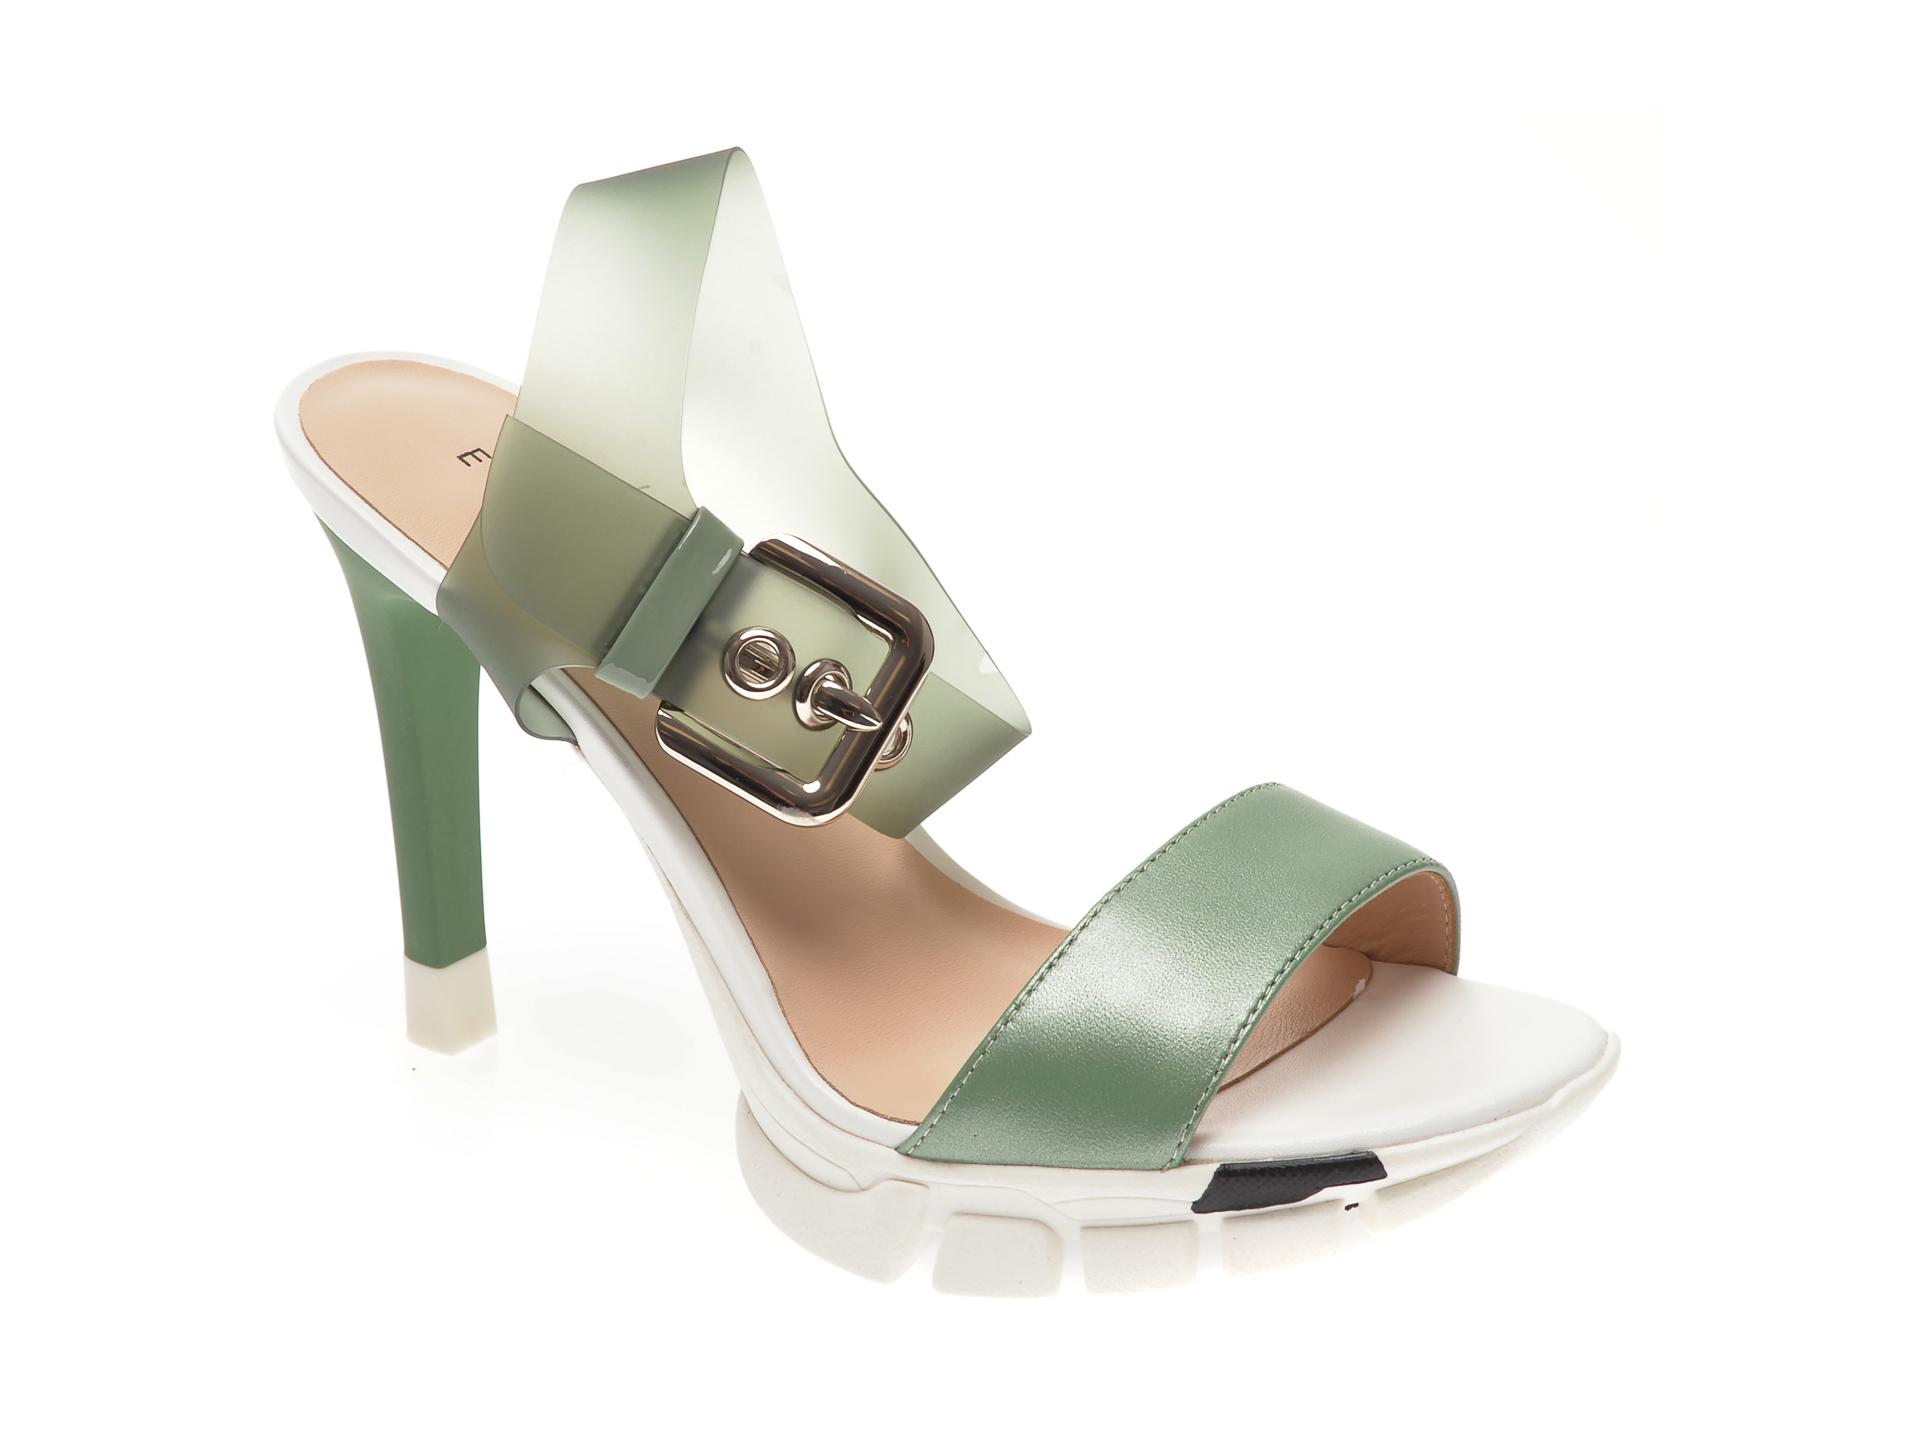 Sandale EPICA verzi, 1831630, din piele naturala